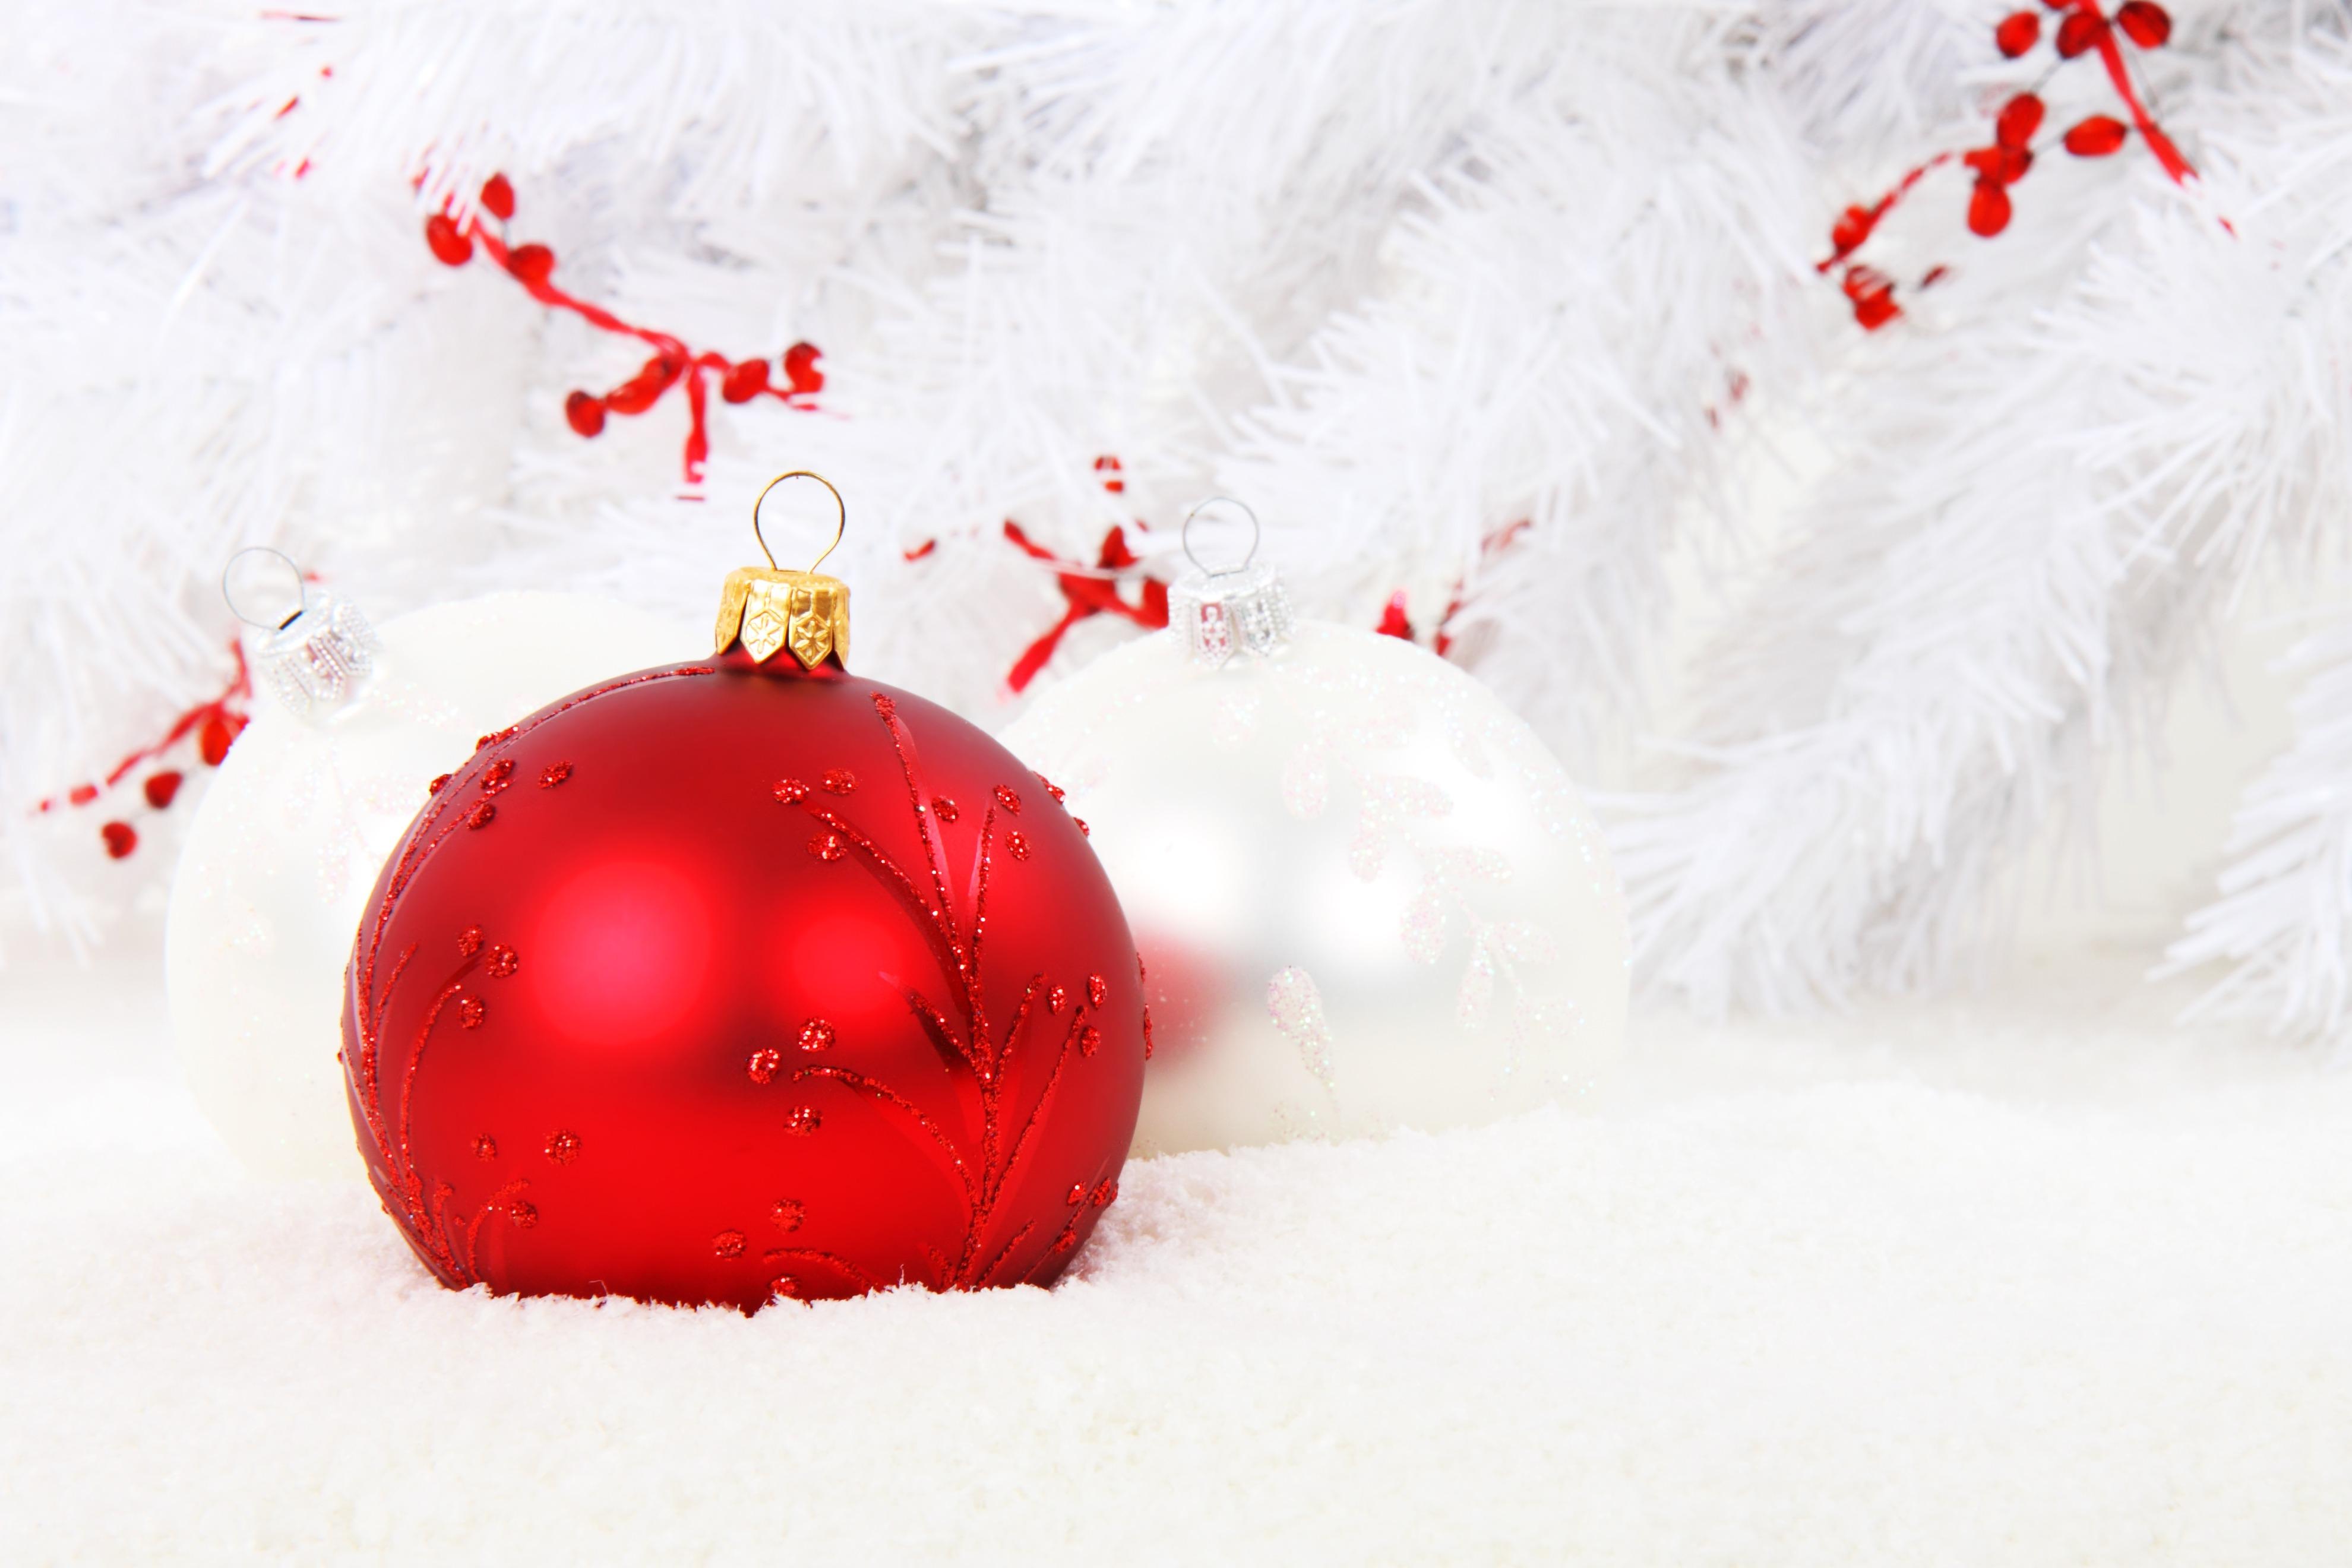 Alles Gute Zum Weihnachten.Frohe Weihnachten Und Alles Gute Fur Das Jahr 2019 Tsg